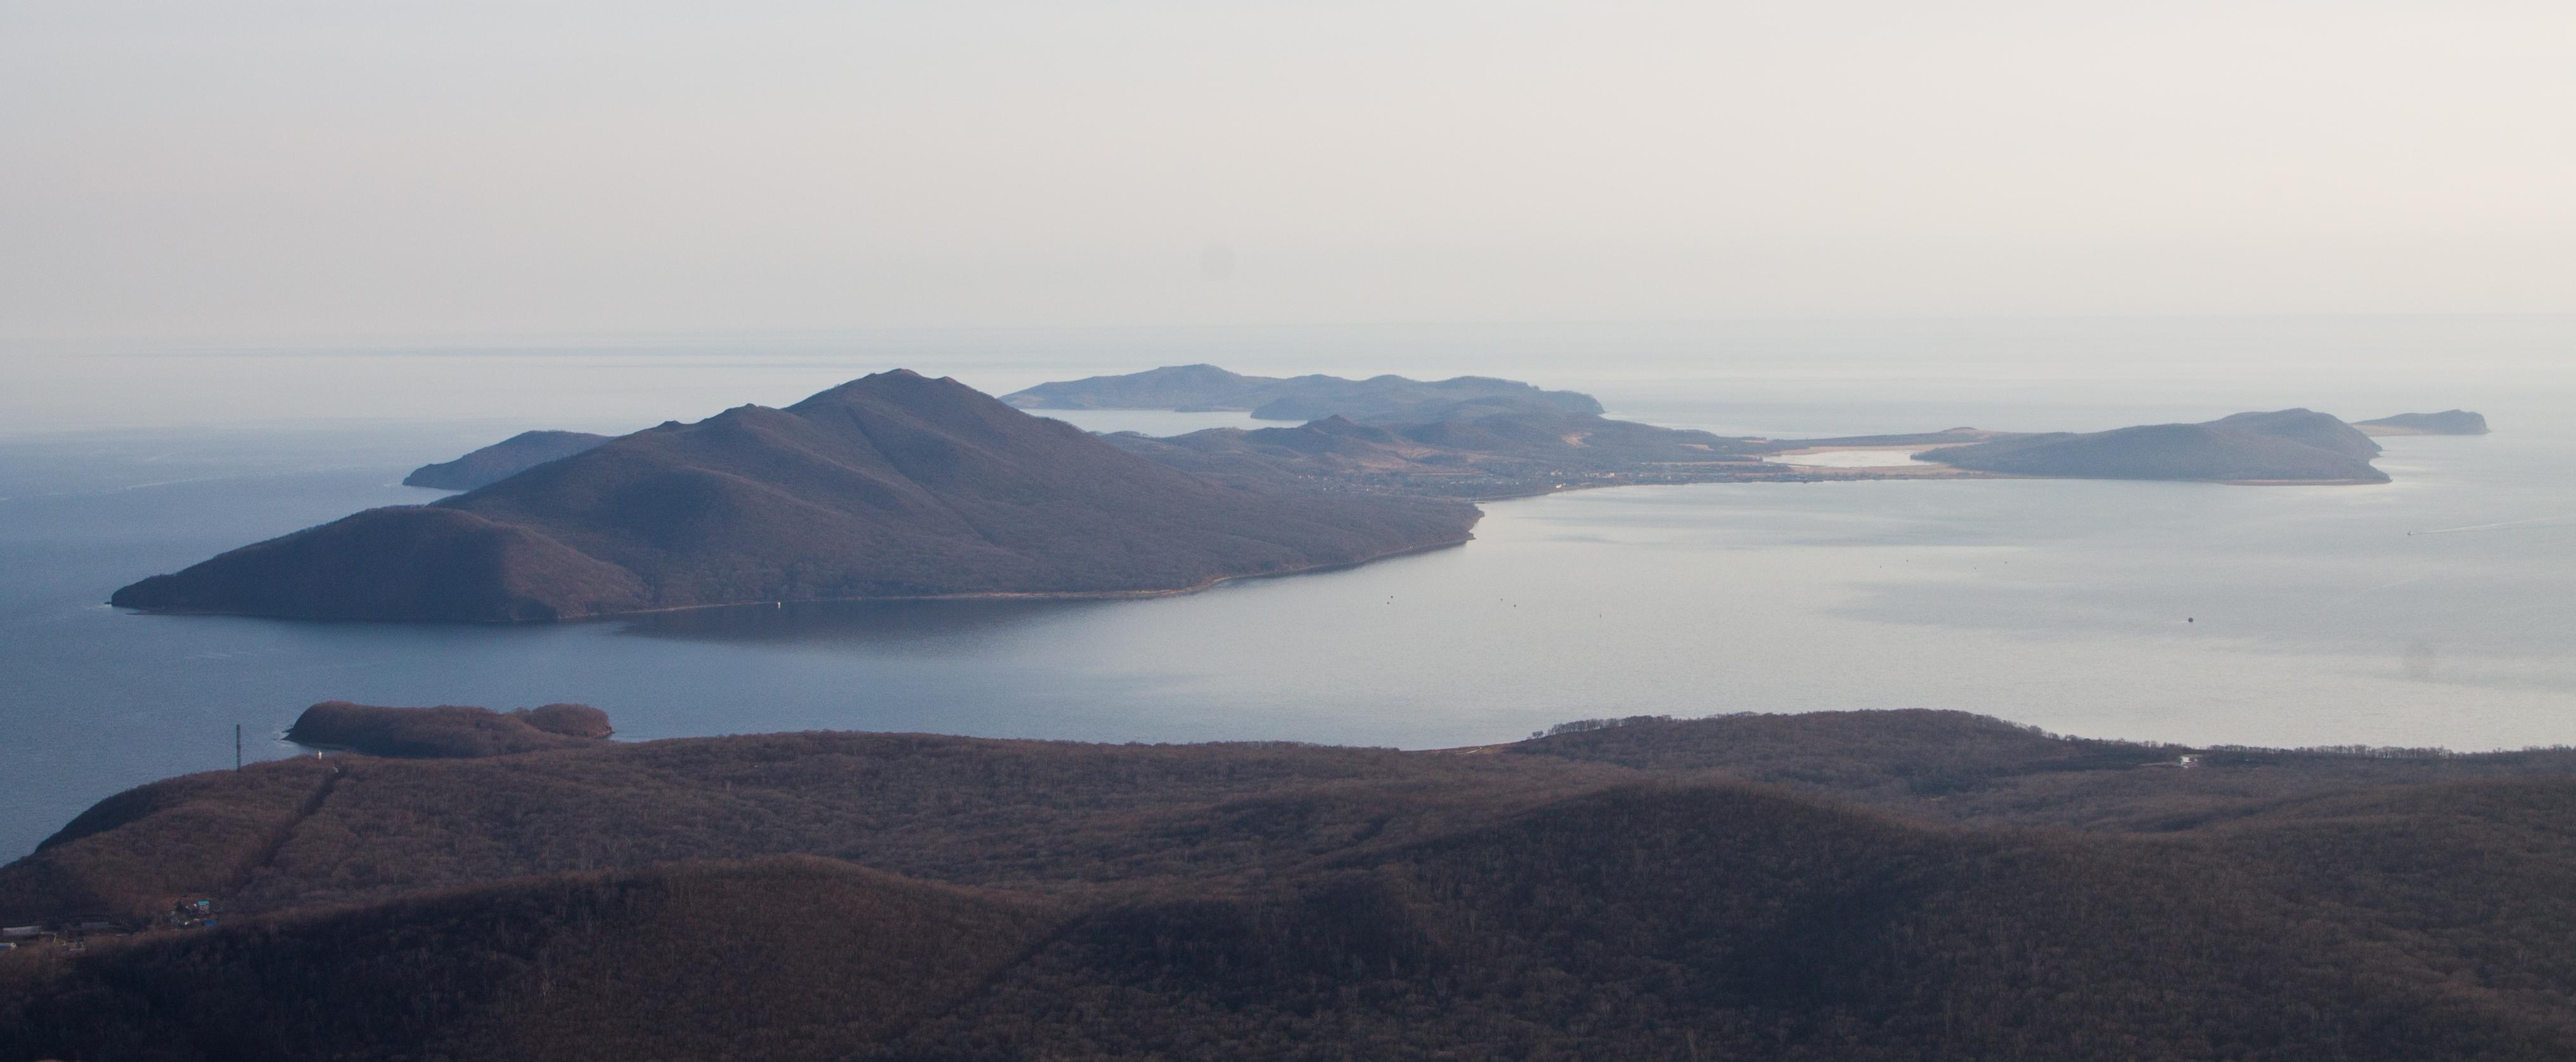 балясины остров путятин приморский край фото гора старцева эти болезненные ощущения